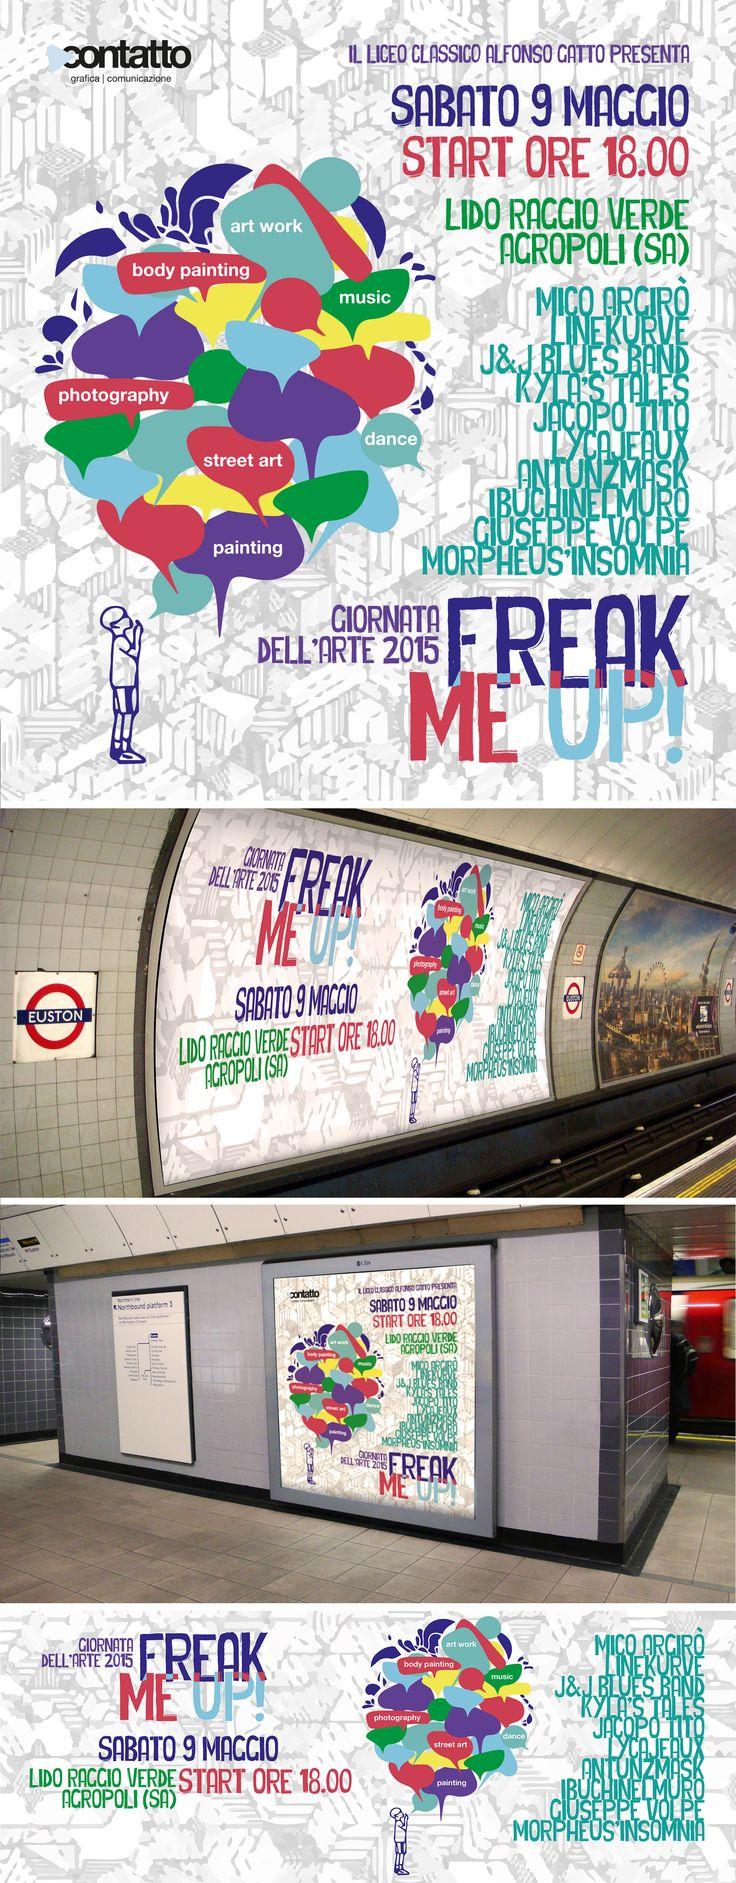 Locandina e grafica per il web dell'evento Freak Me Up! Giornata dell'arte 2015